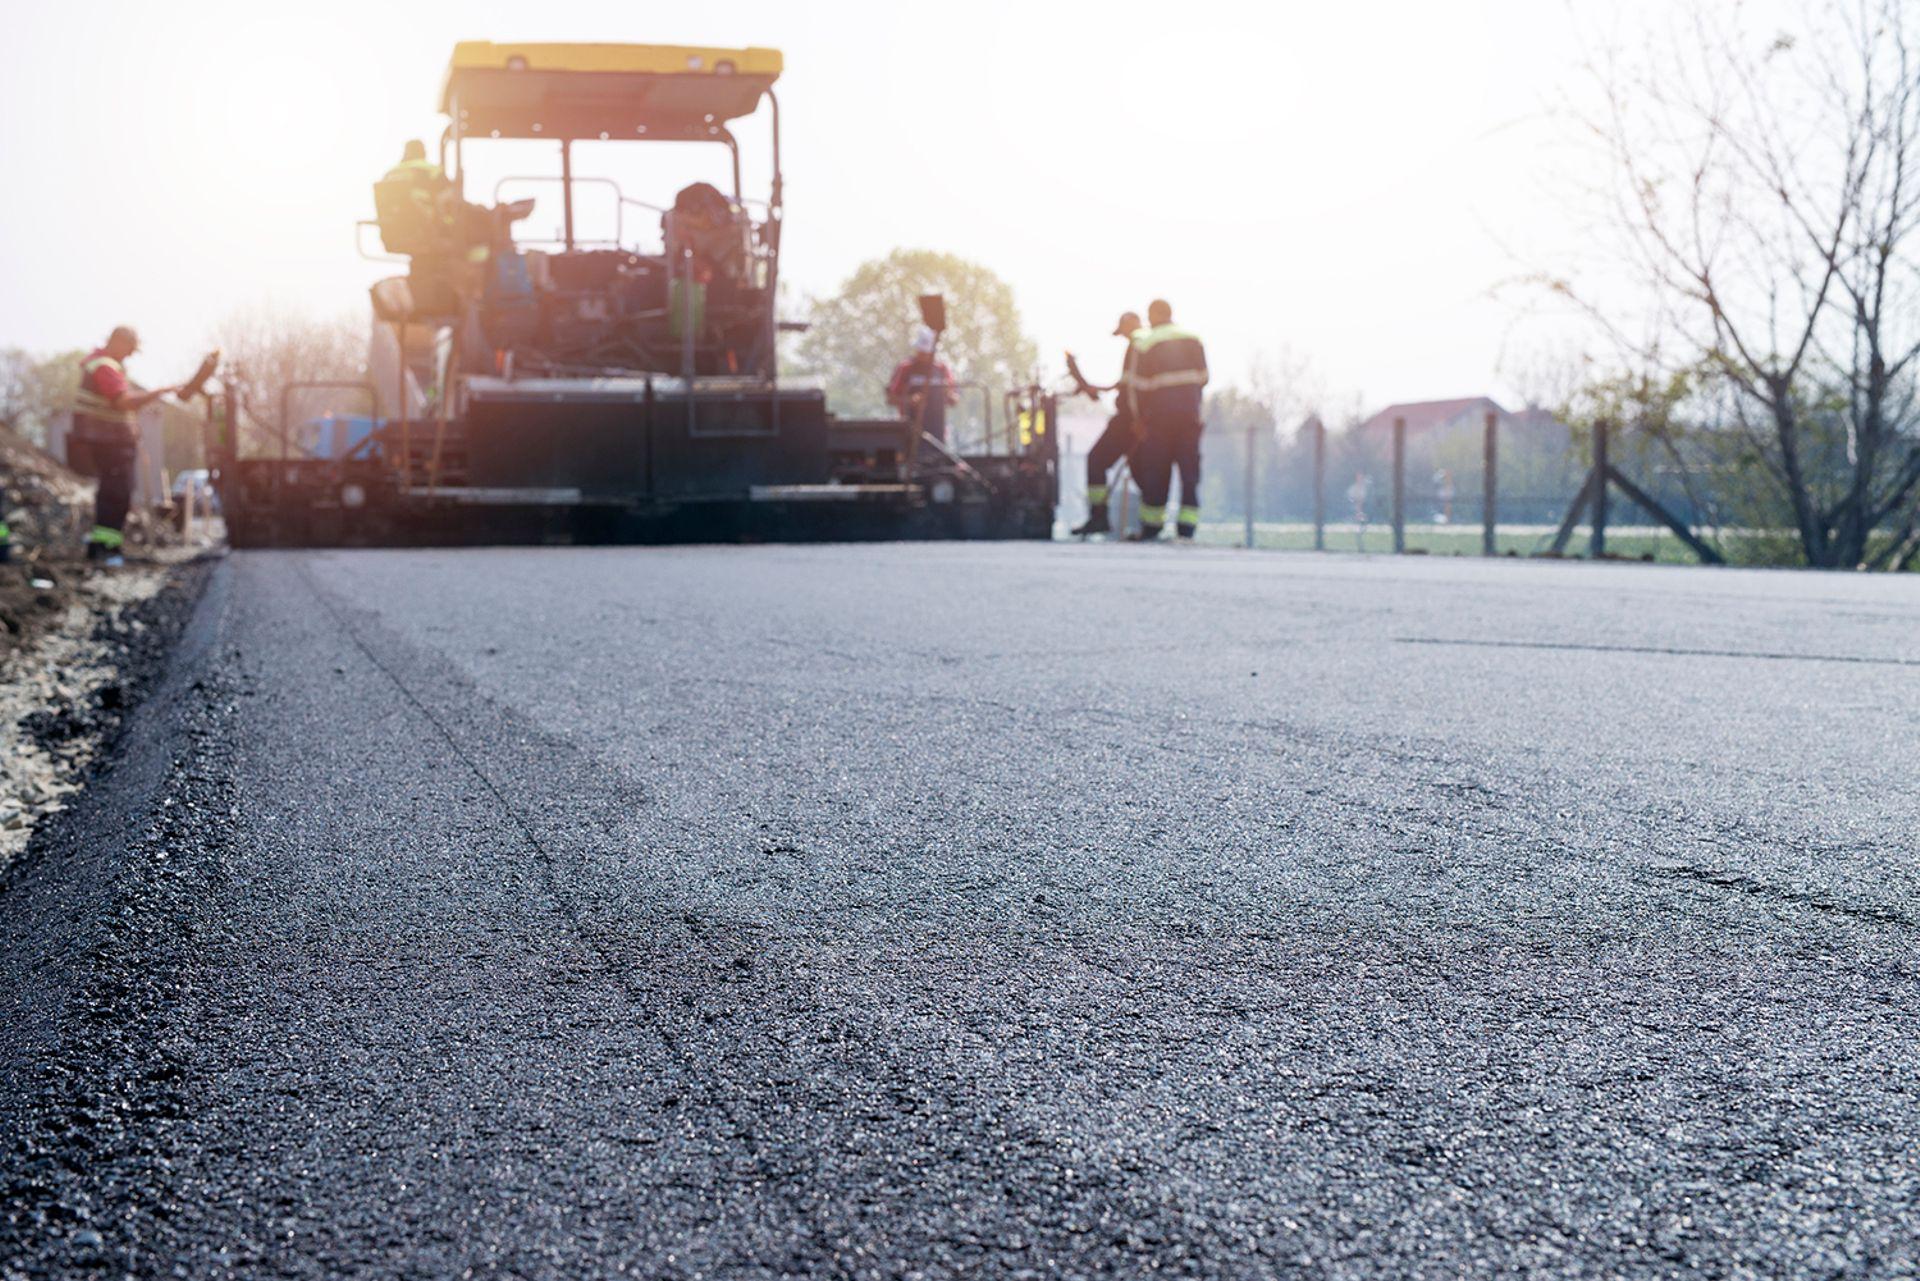 Małopolska: 60 inwestycji drogowych zostanie zrealizowanych z Funduszu Dróg Samorządowych